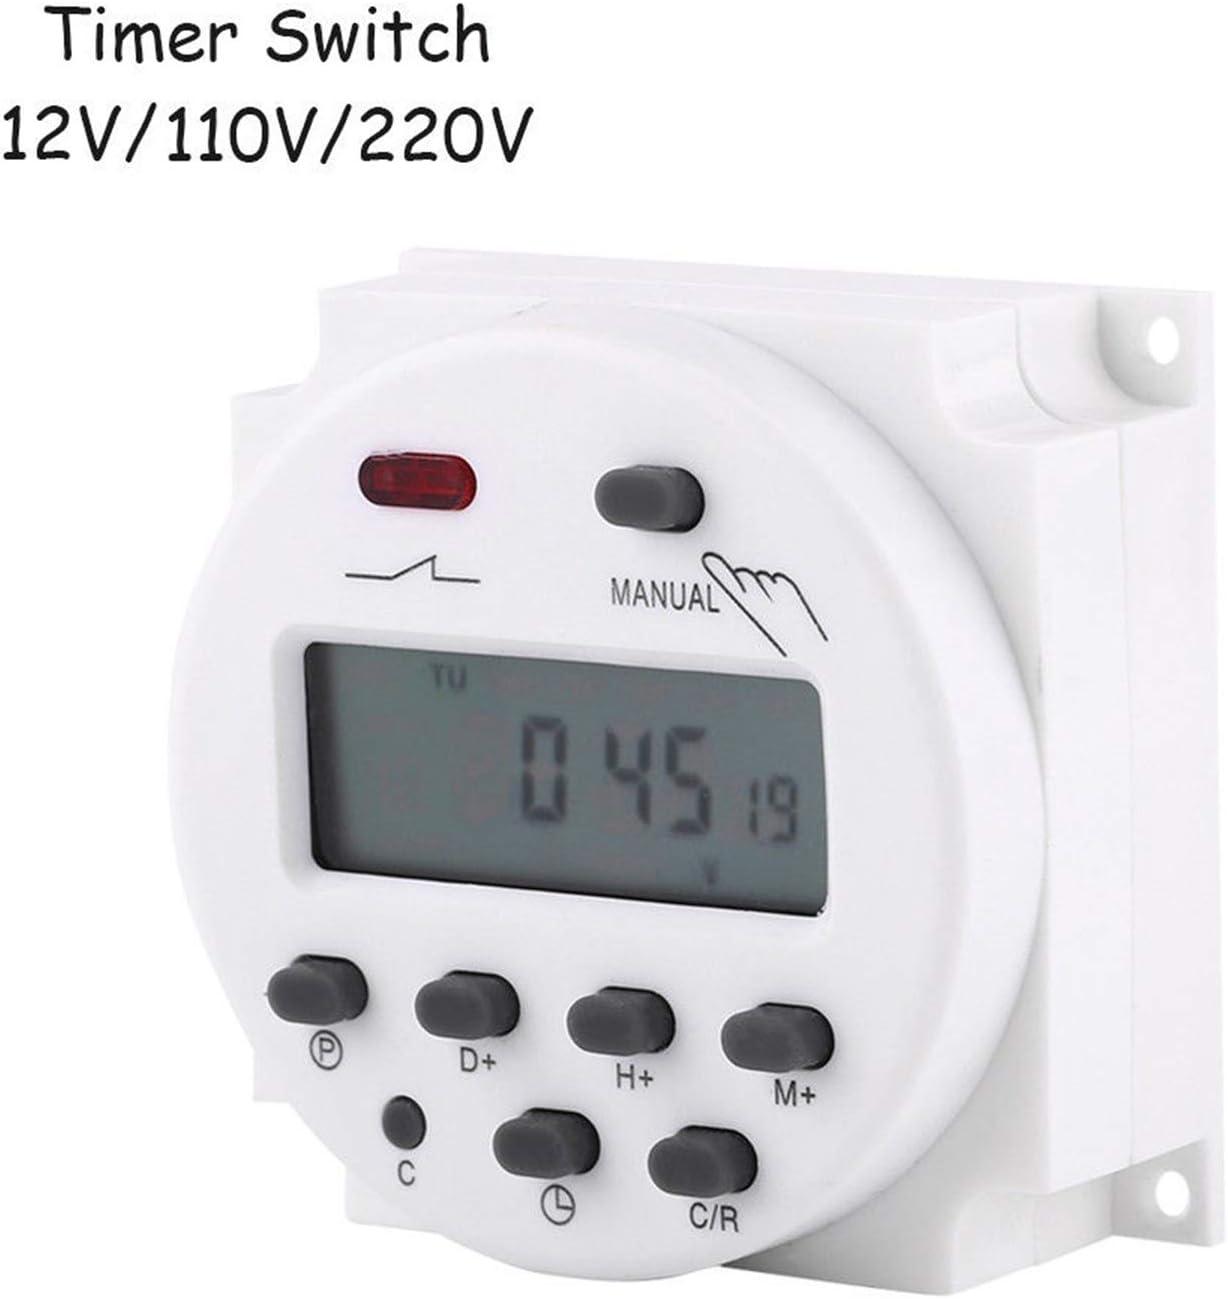 blanc Commutateur de minuterie programmable CN101A mis /à niveau AC//DC 12V 110V Commutateur de relais de minuterie programmable num/érique LCD hebdomadaire